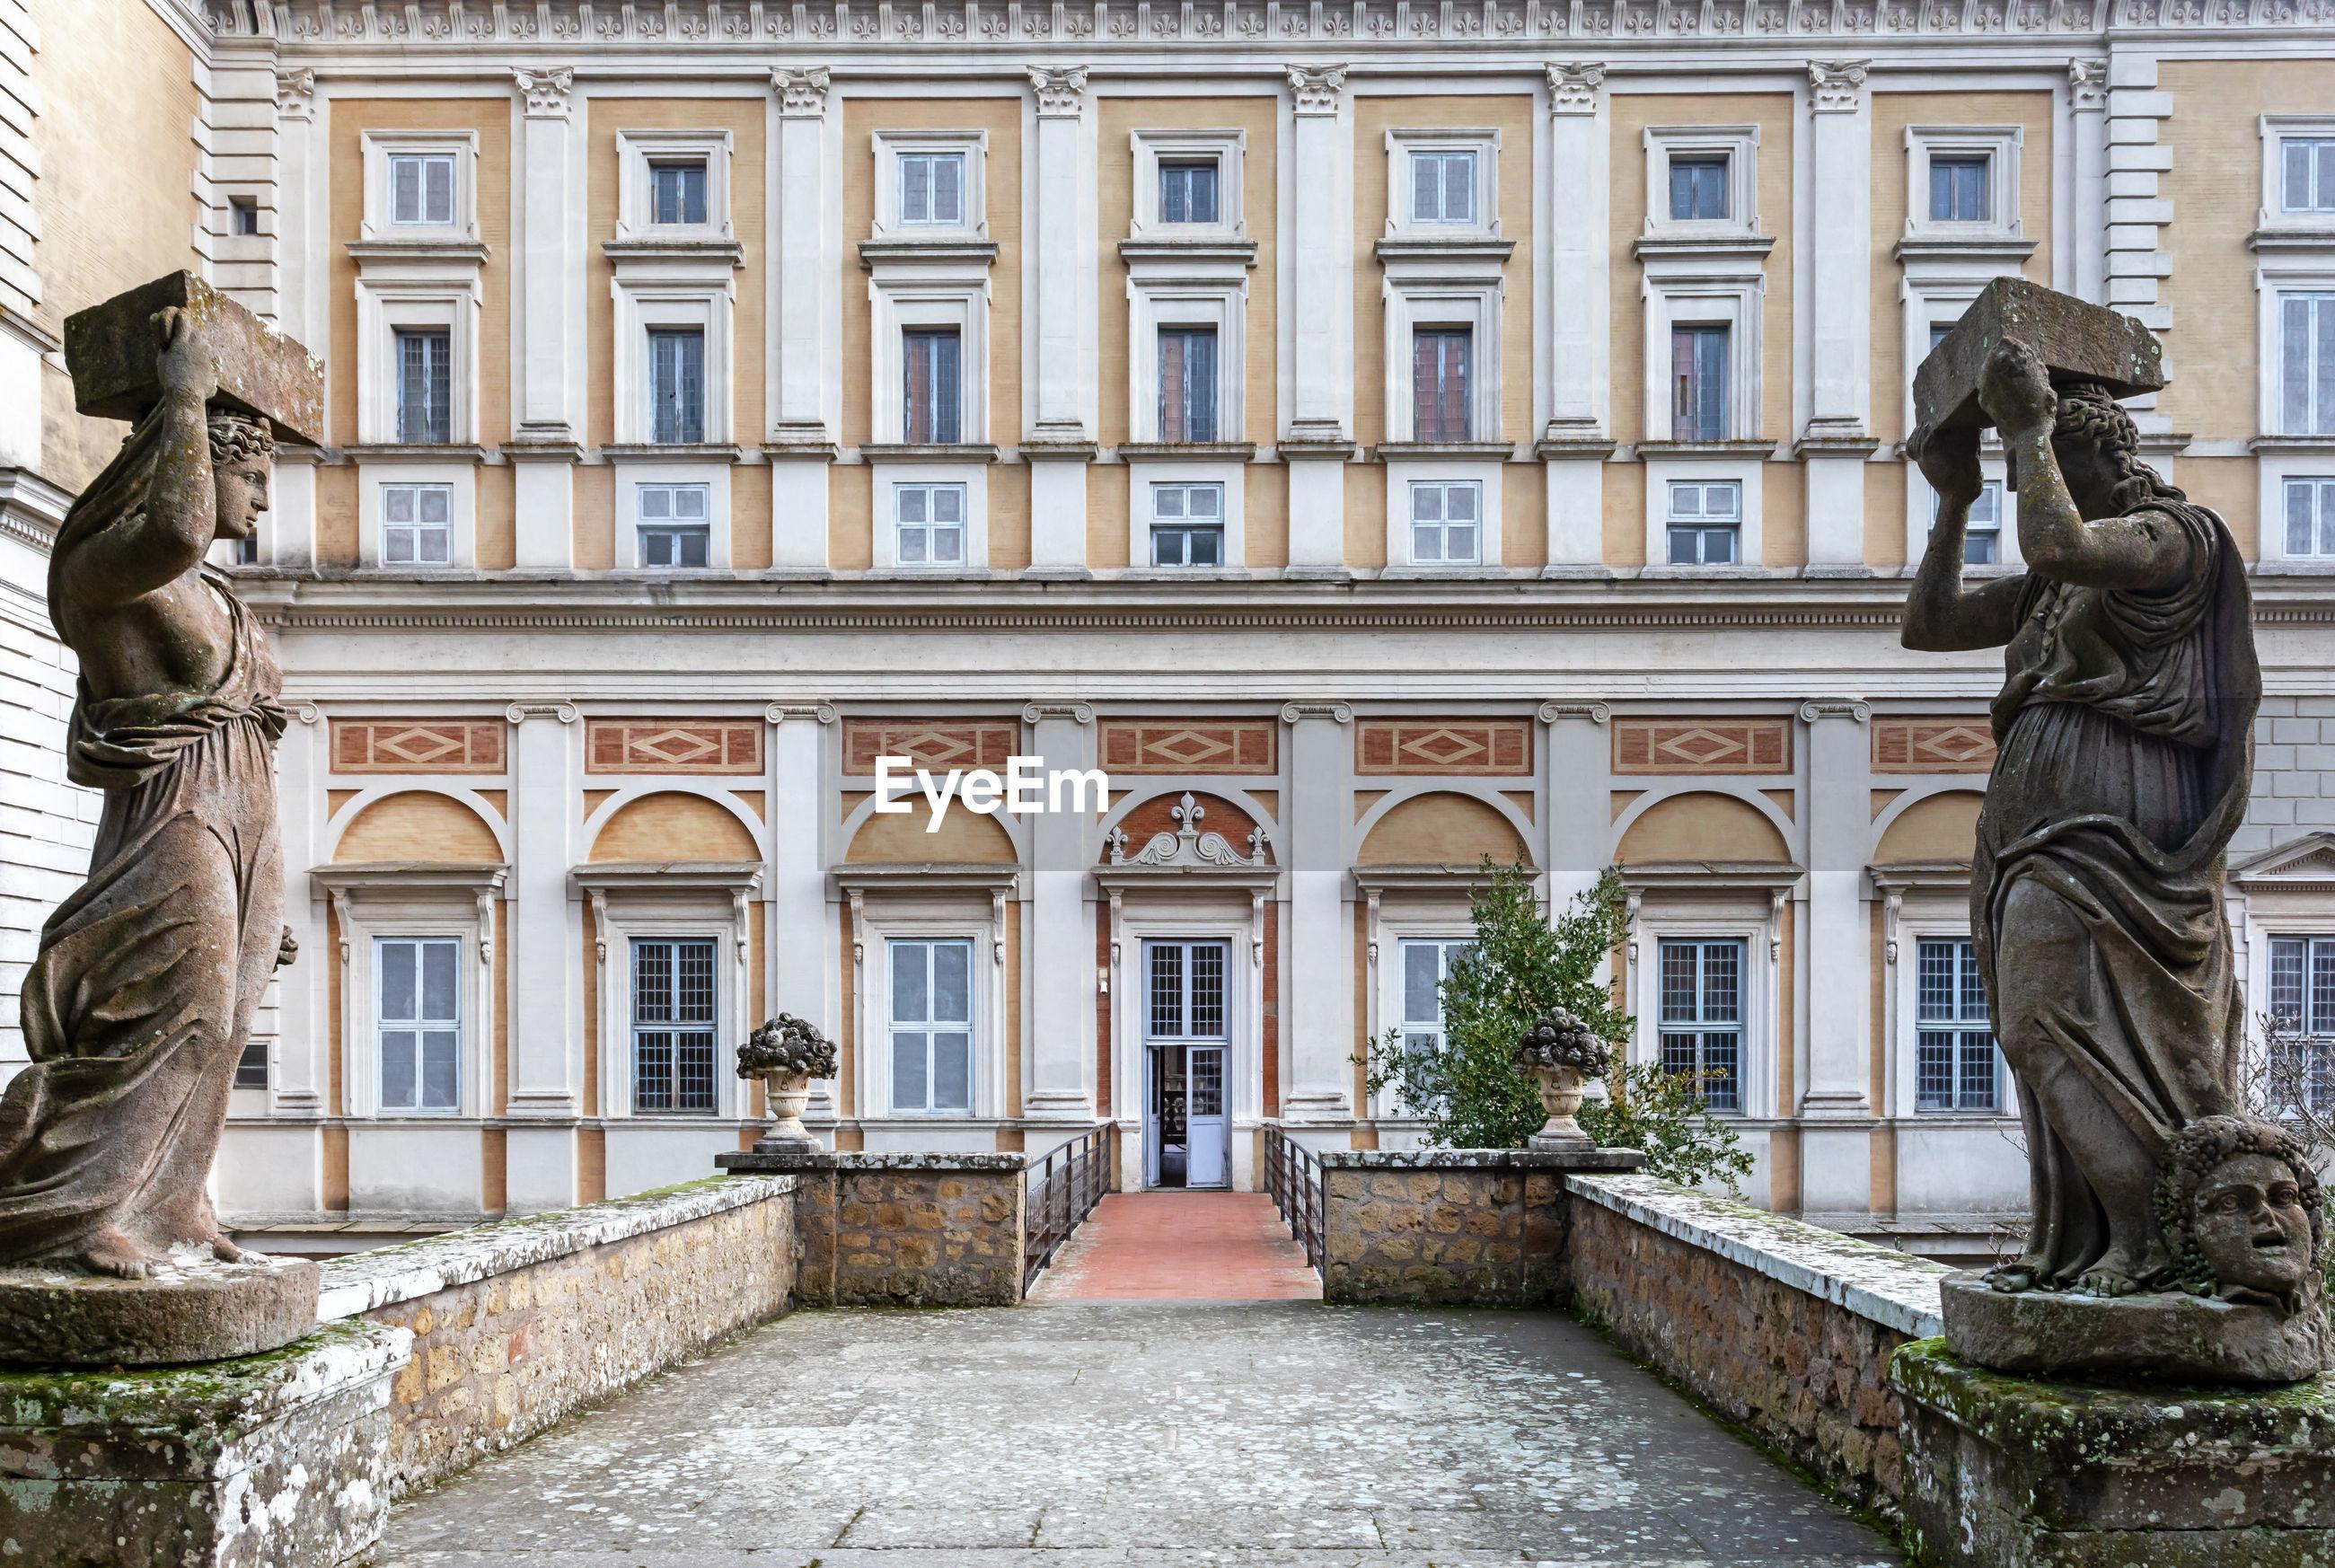 The villa farnese is located in the town of caprarola near viterbo, northern lazio, italy.